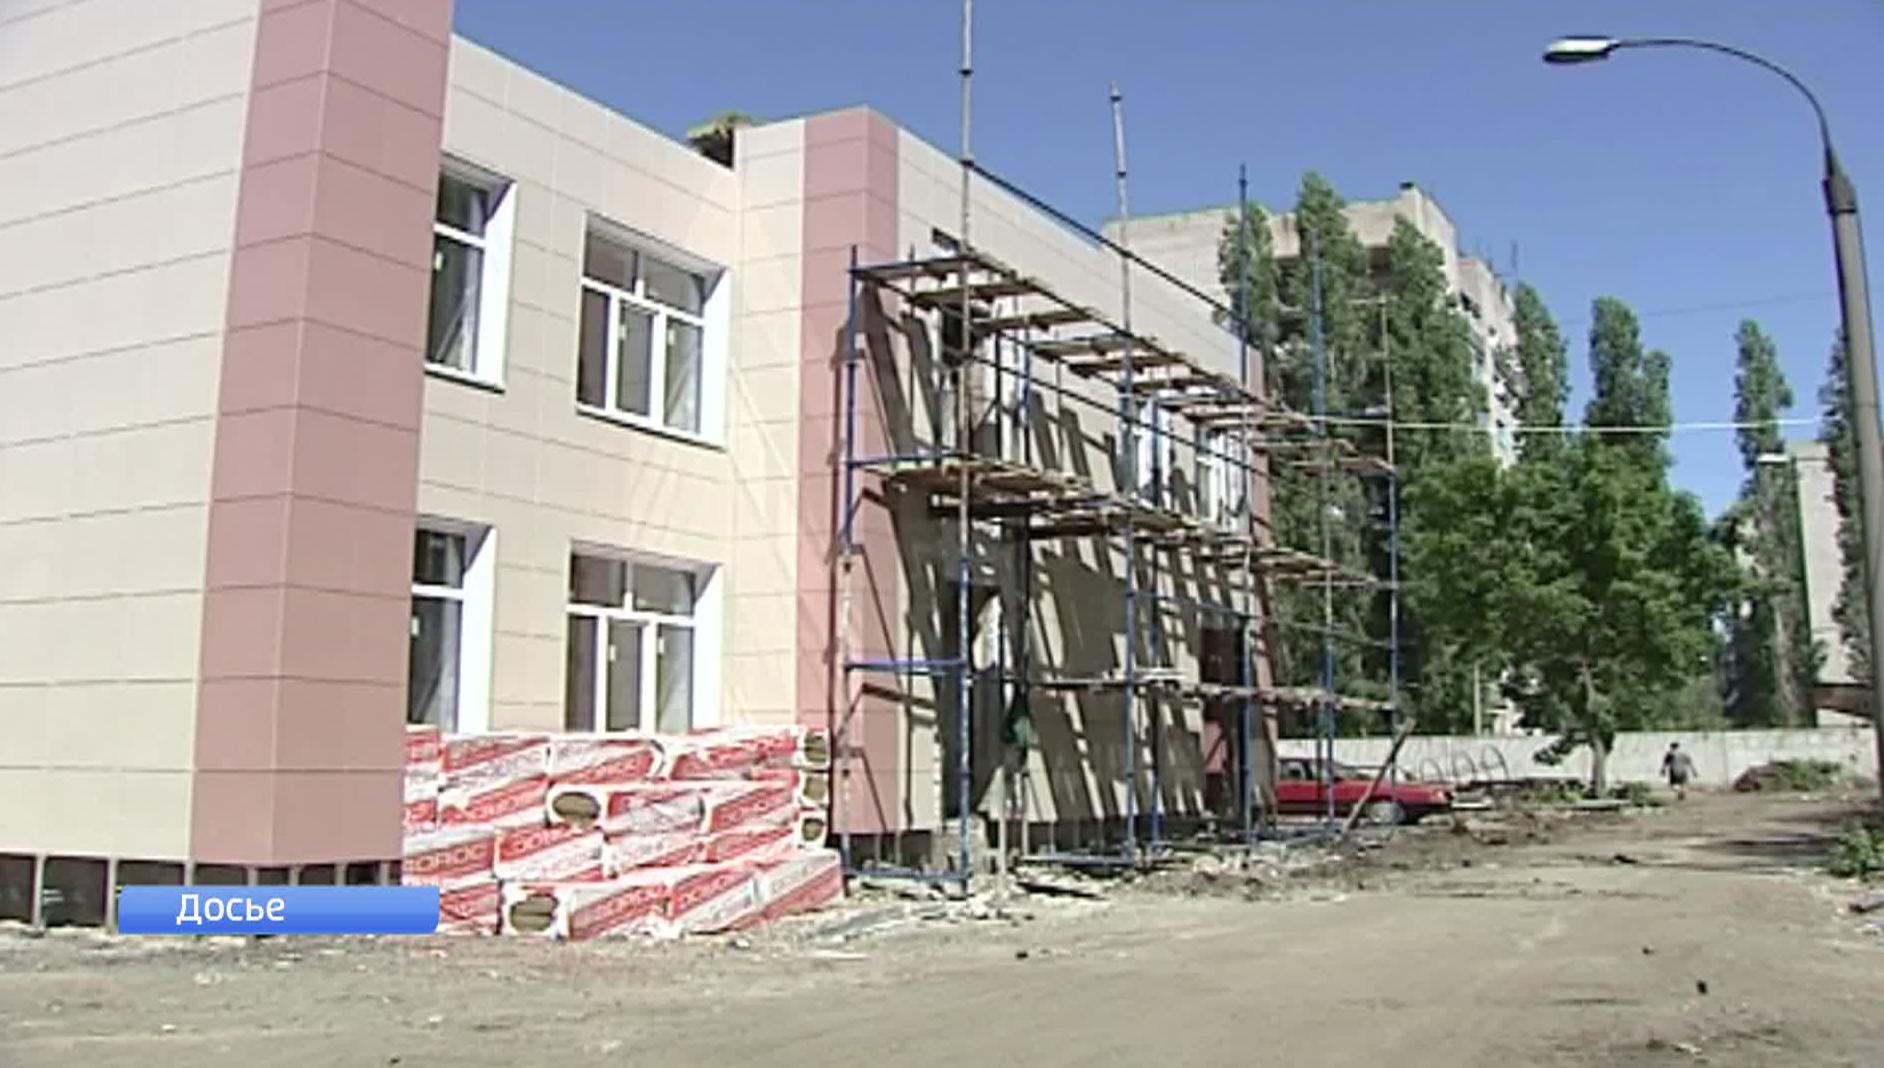 Настроительство 2 детских садов вВоронеже истратят неменее 453 млн руб.